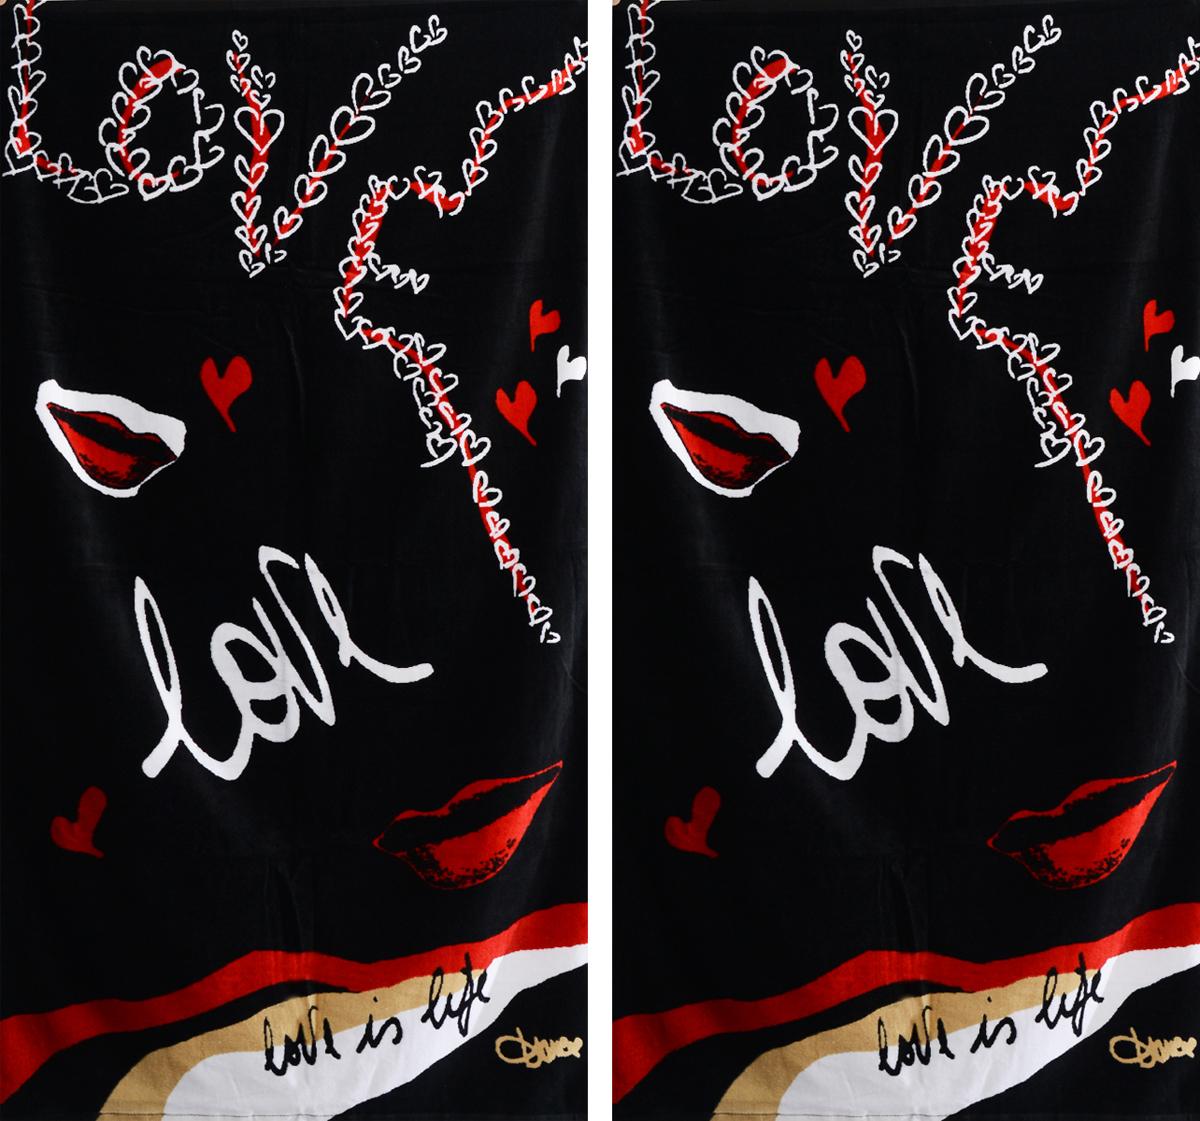 Набор махровых полотенец Коллекция Love is Life, 70 х 137 см, 2 штПМф-50-100Набор Коллекция Love is Life состоит из двух махровых полотенец, выполненных из натурального 100% хлопка. Изделия отлично впитывают влагу, быстро сохнут, сохраняют яркость цвета и не теряют формы даже после многократных стирок.Полотенца Коллекция Love is Life очень практичны и неприхотливы в уходе. Комплектация: 2 шт.